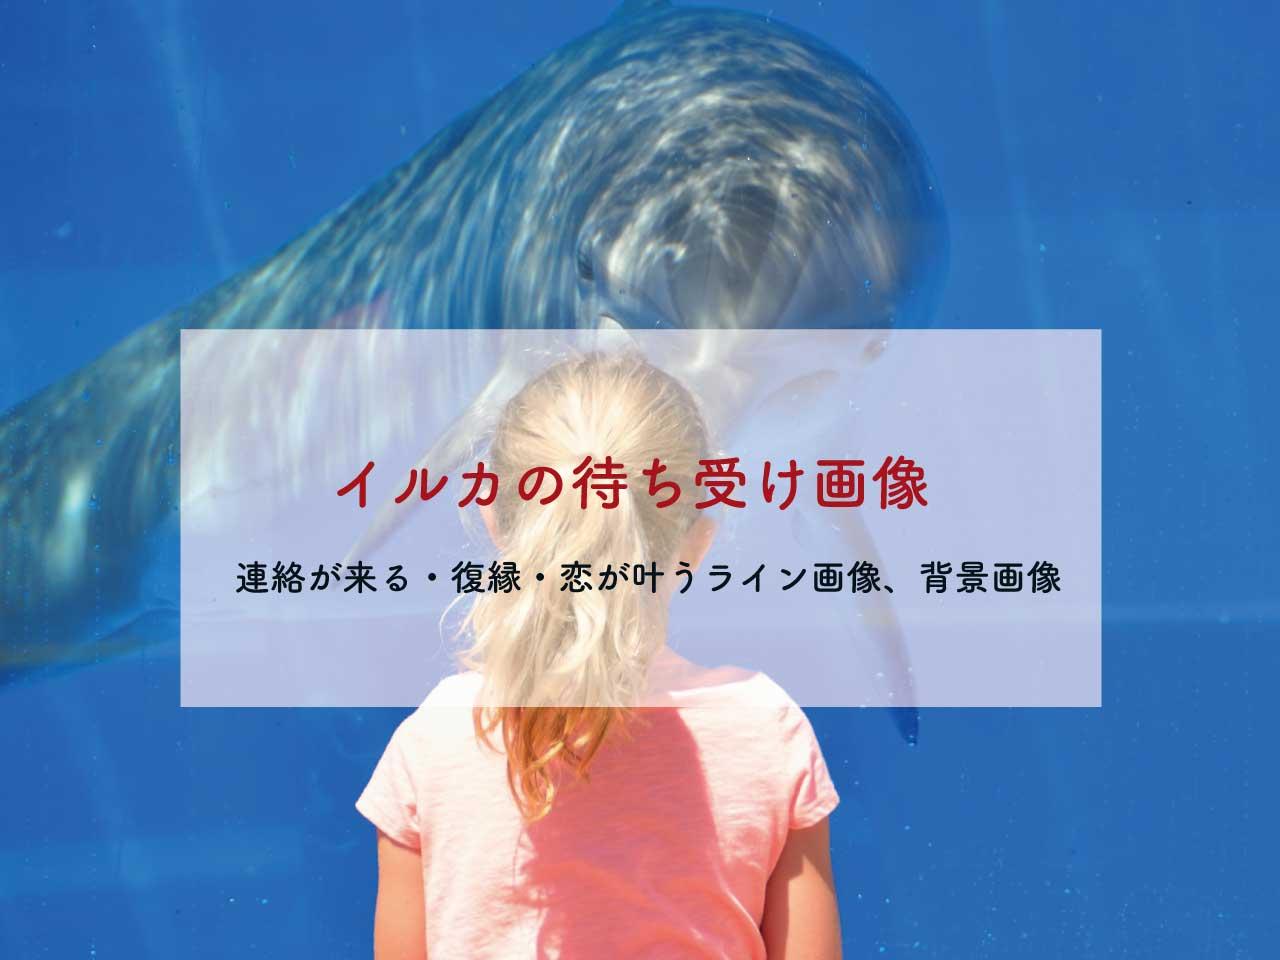 超強力!イルカの待ち受け画像、ラインの背景画像【恋愛、連絡、復縁】